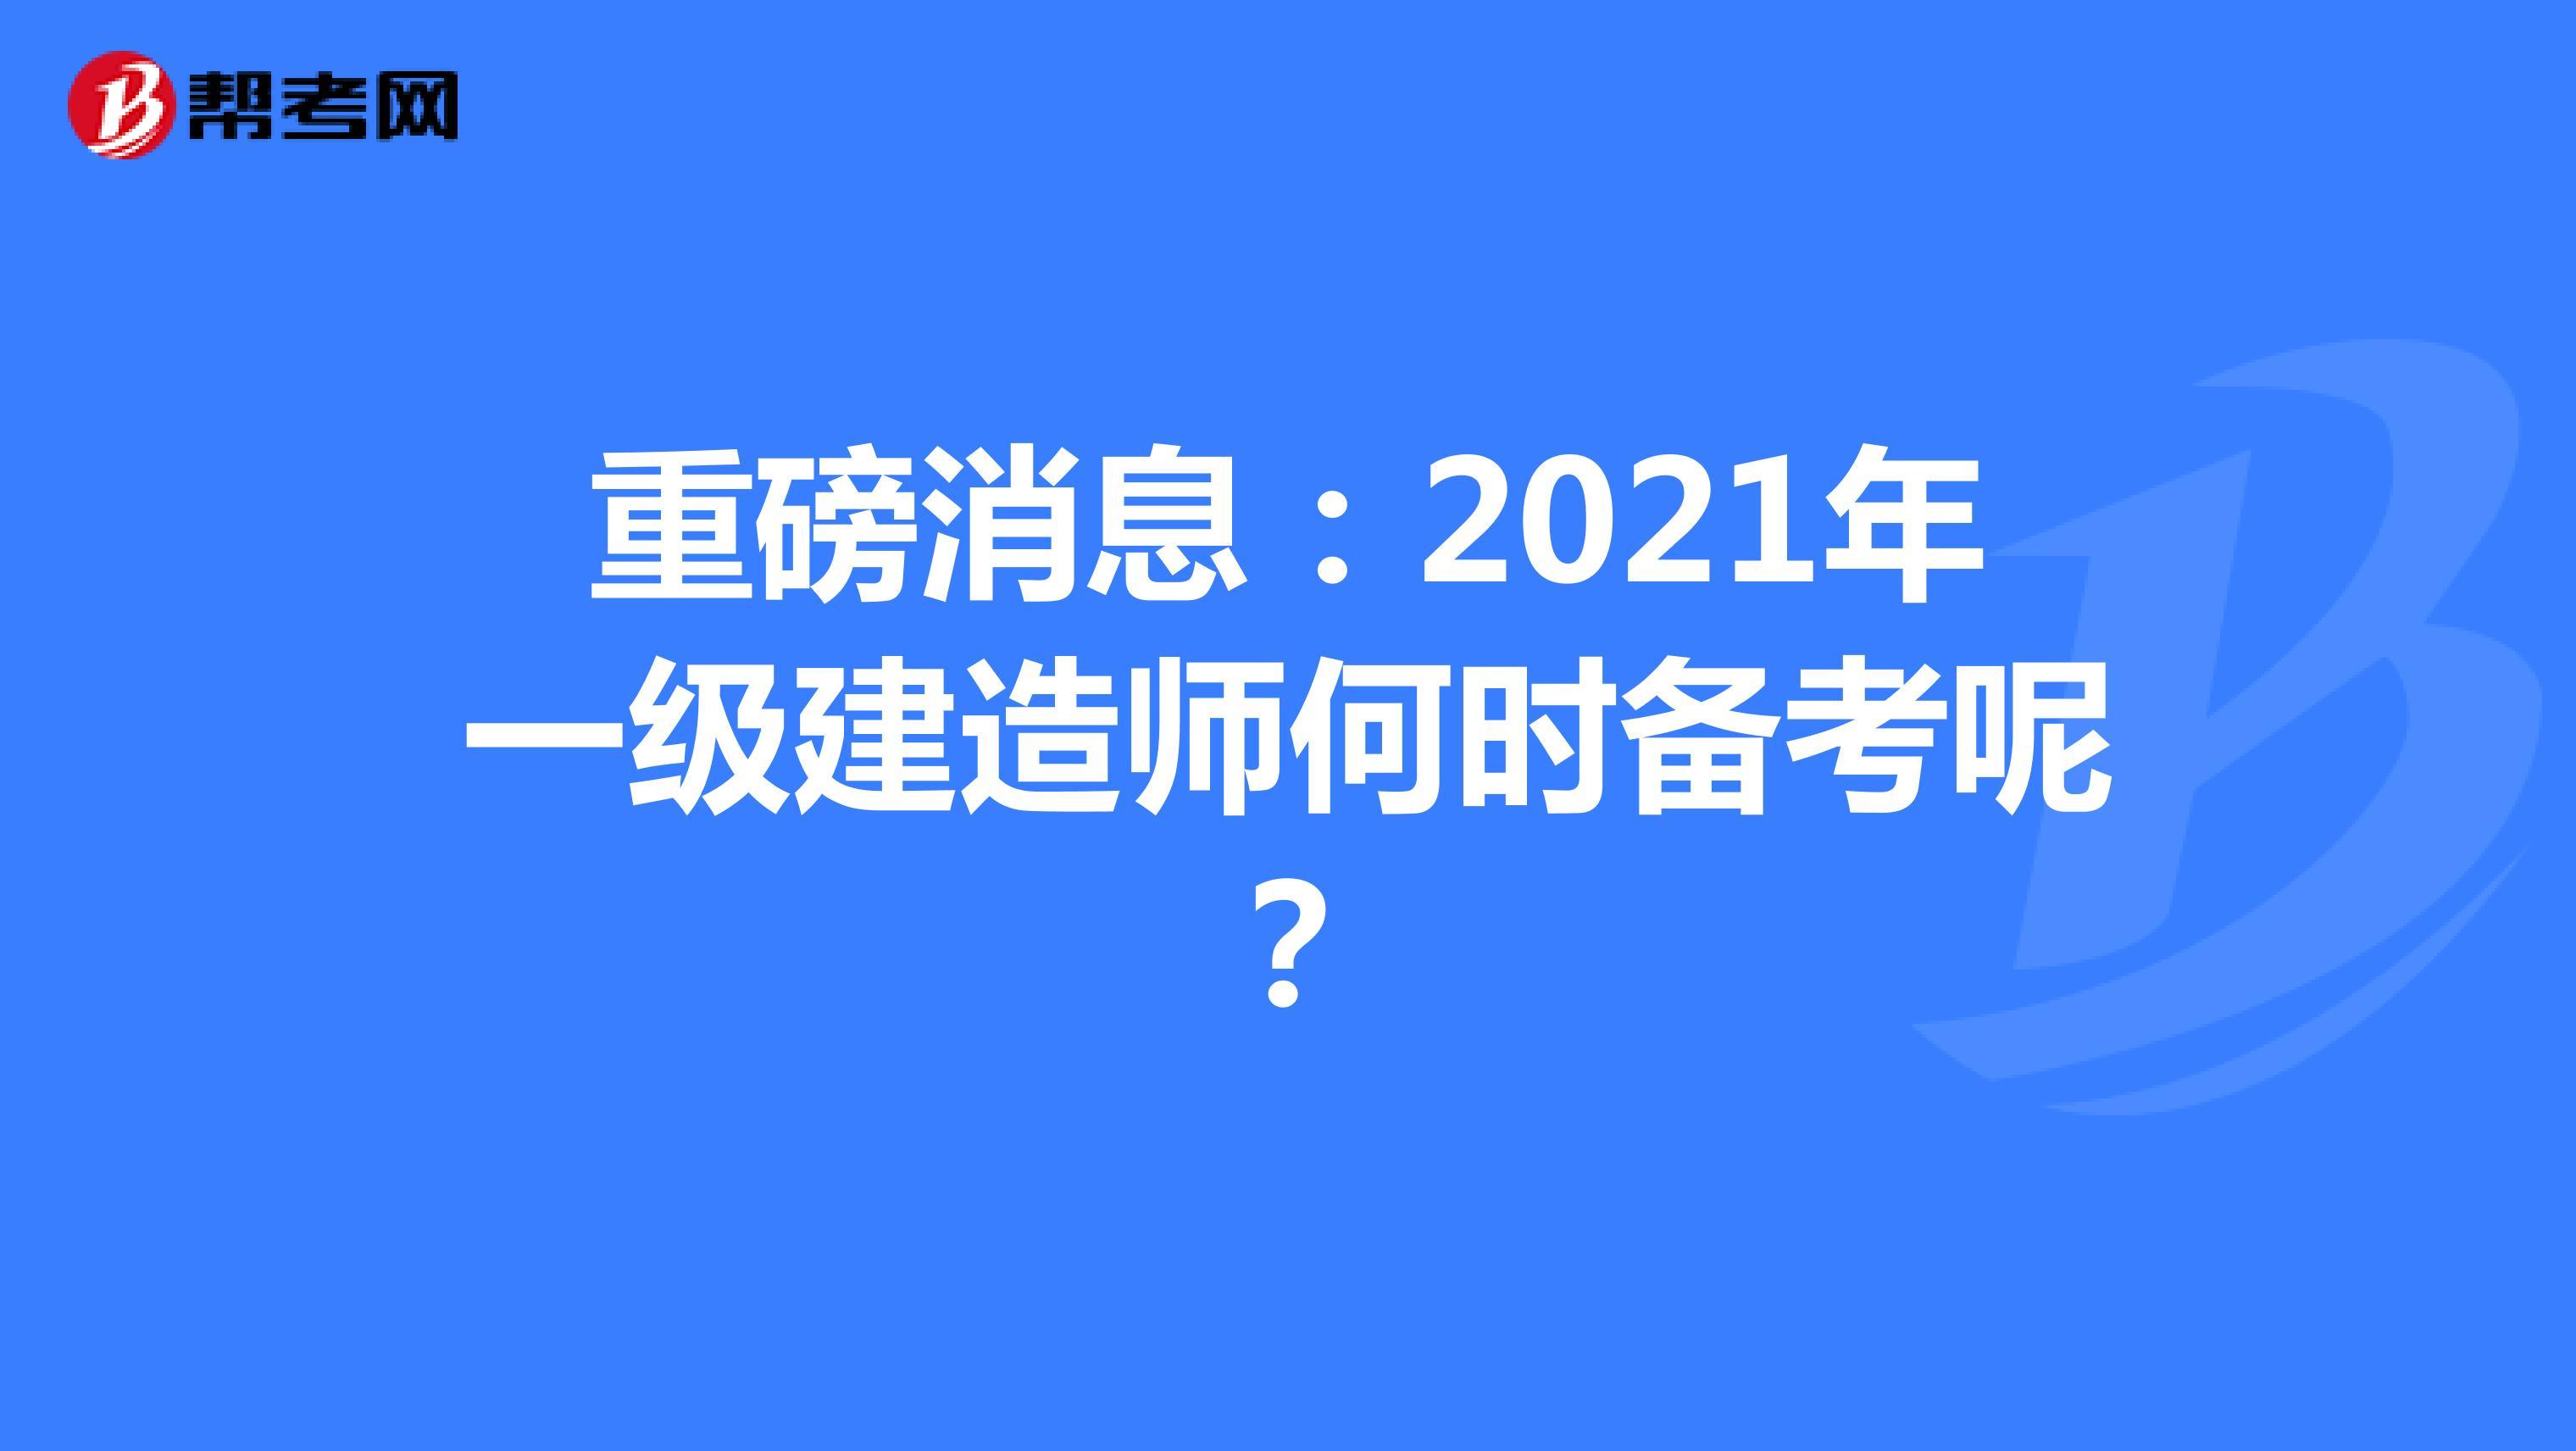 重磅消息:2021年【热竞技下载开户】一级建造师何时备考呢?